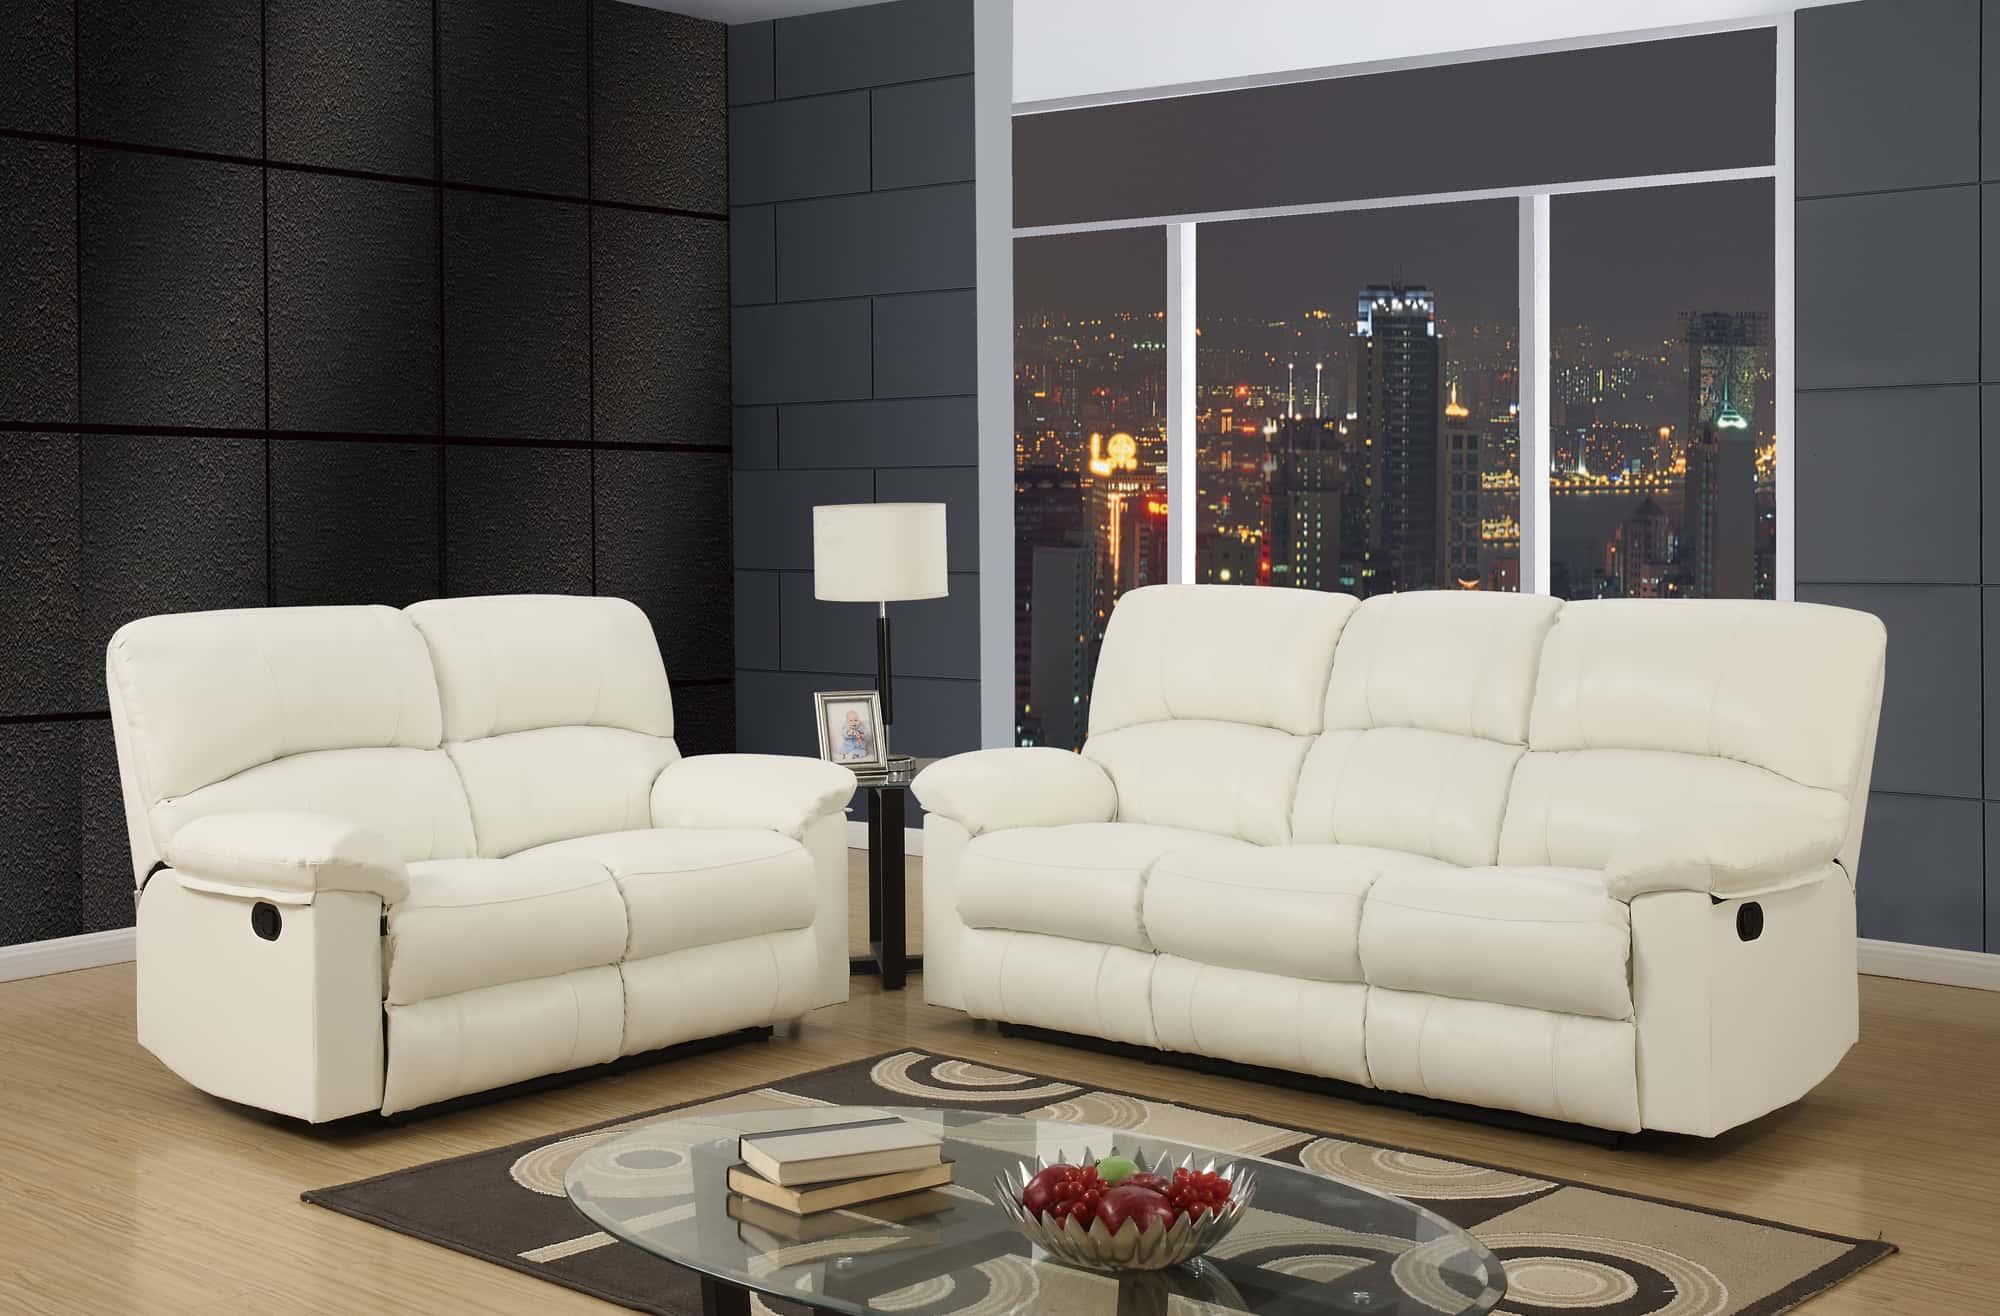 U White Reclining Sofa by Global Furniture